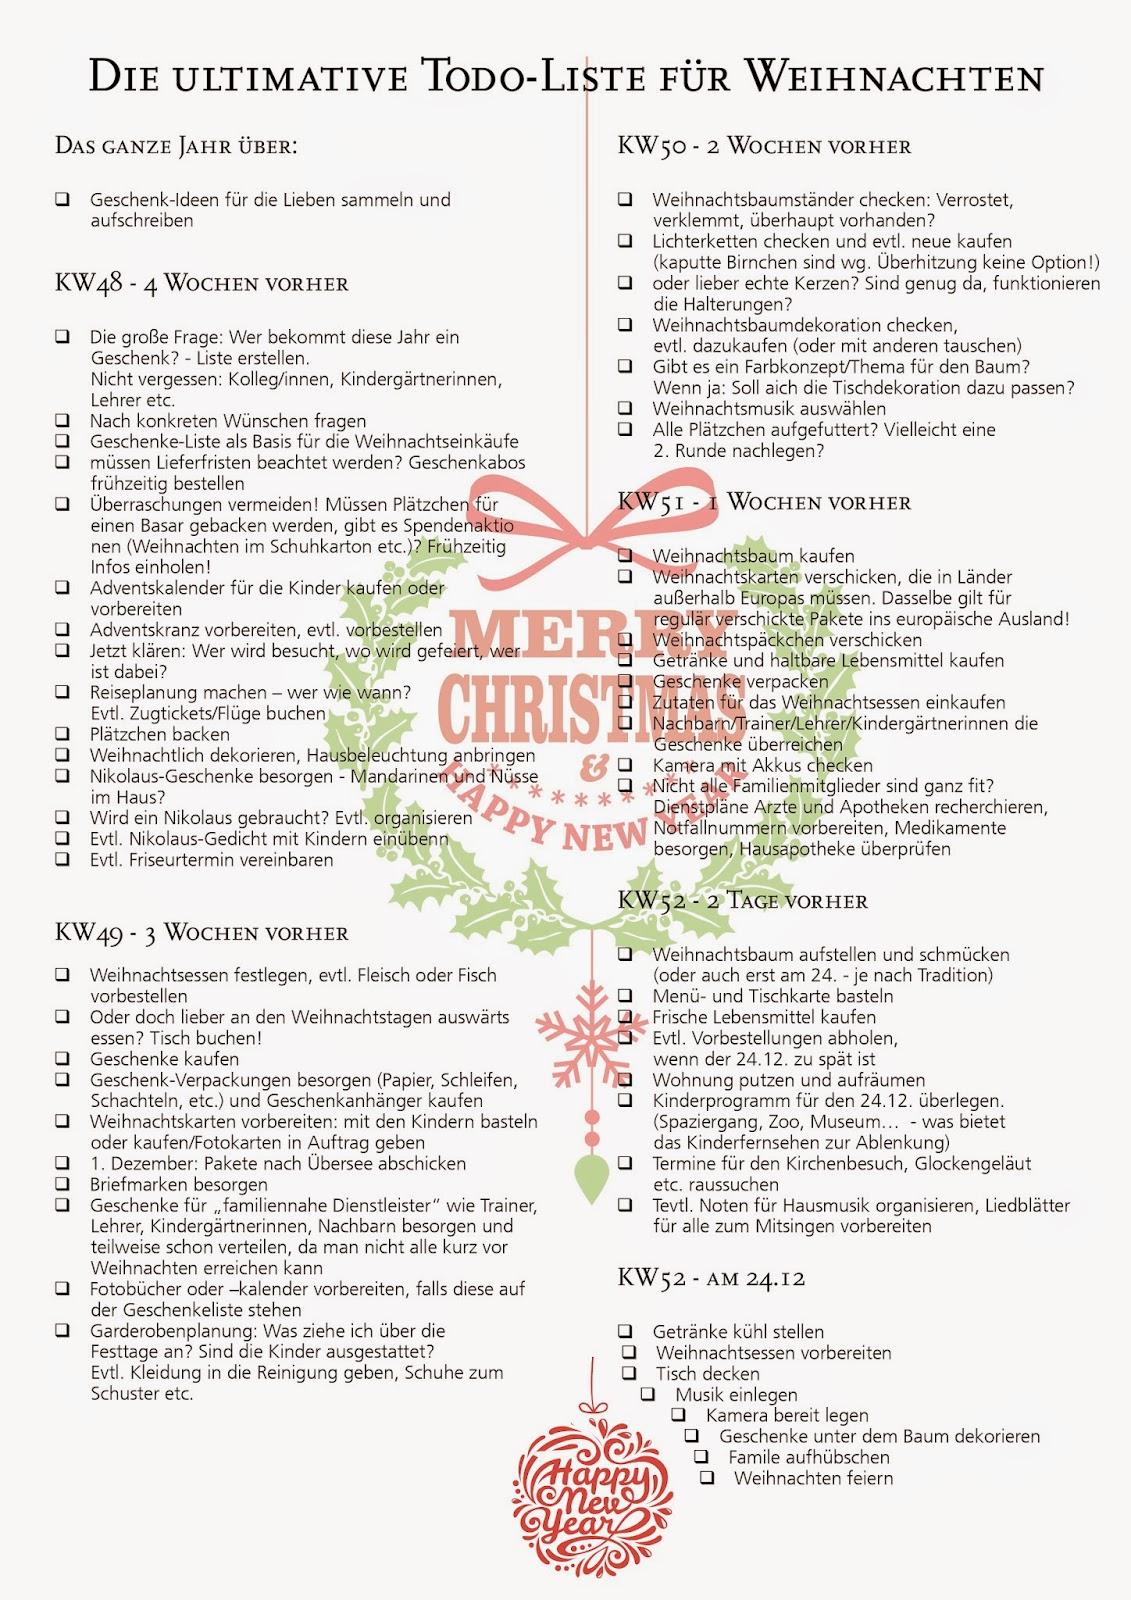 Checkliste Weihnachten